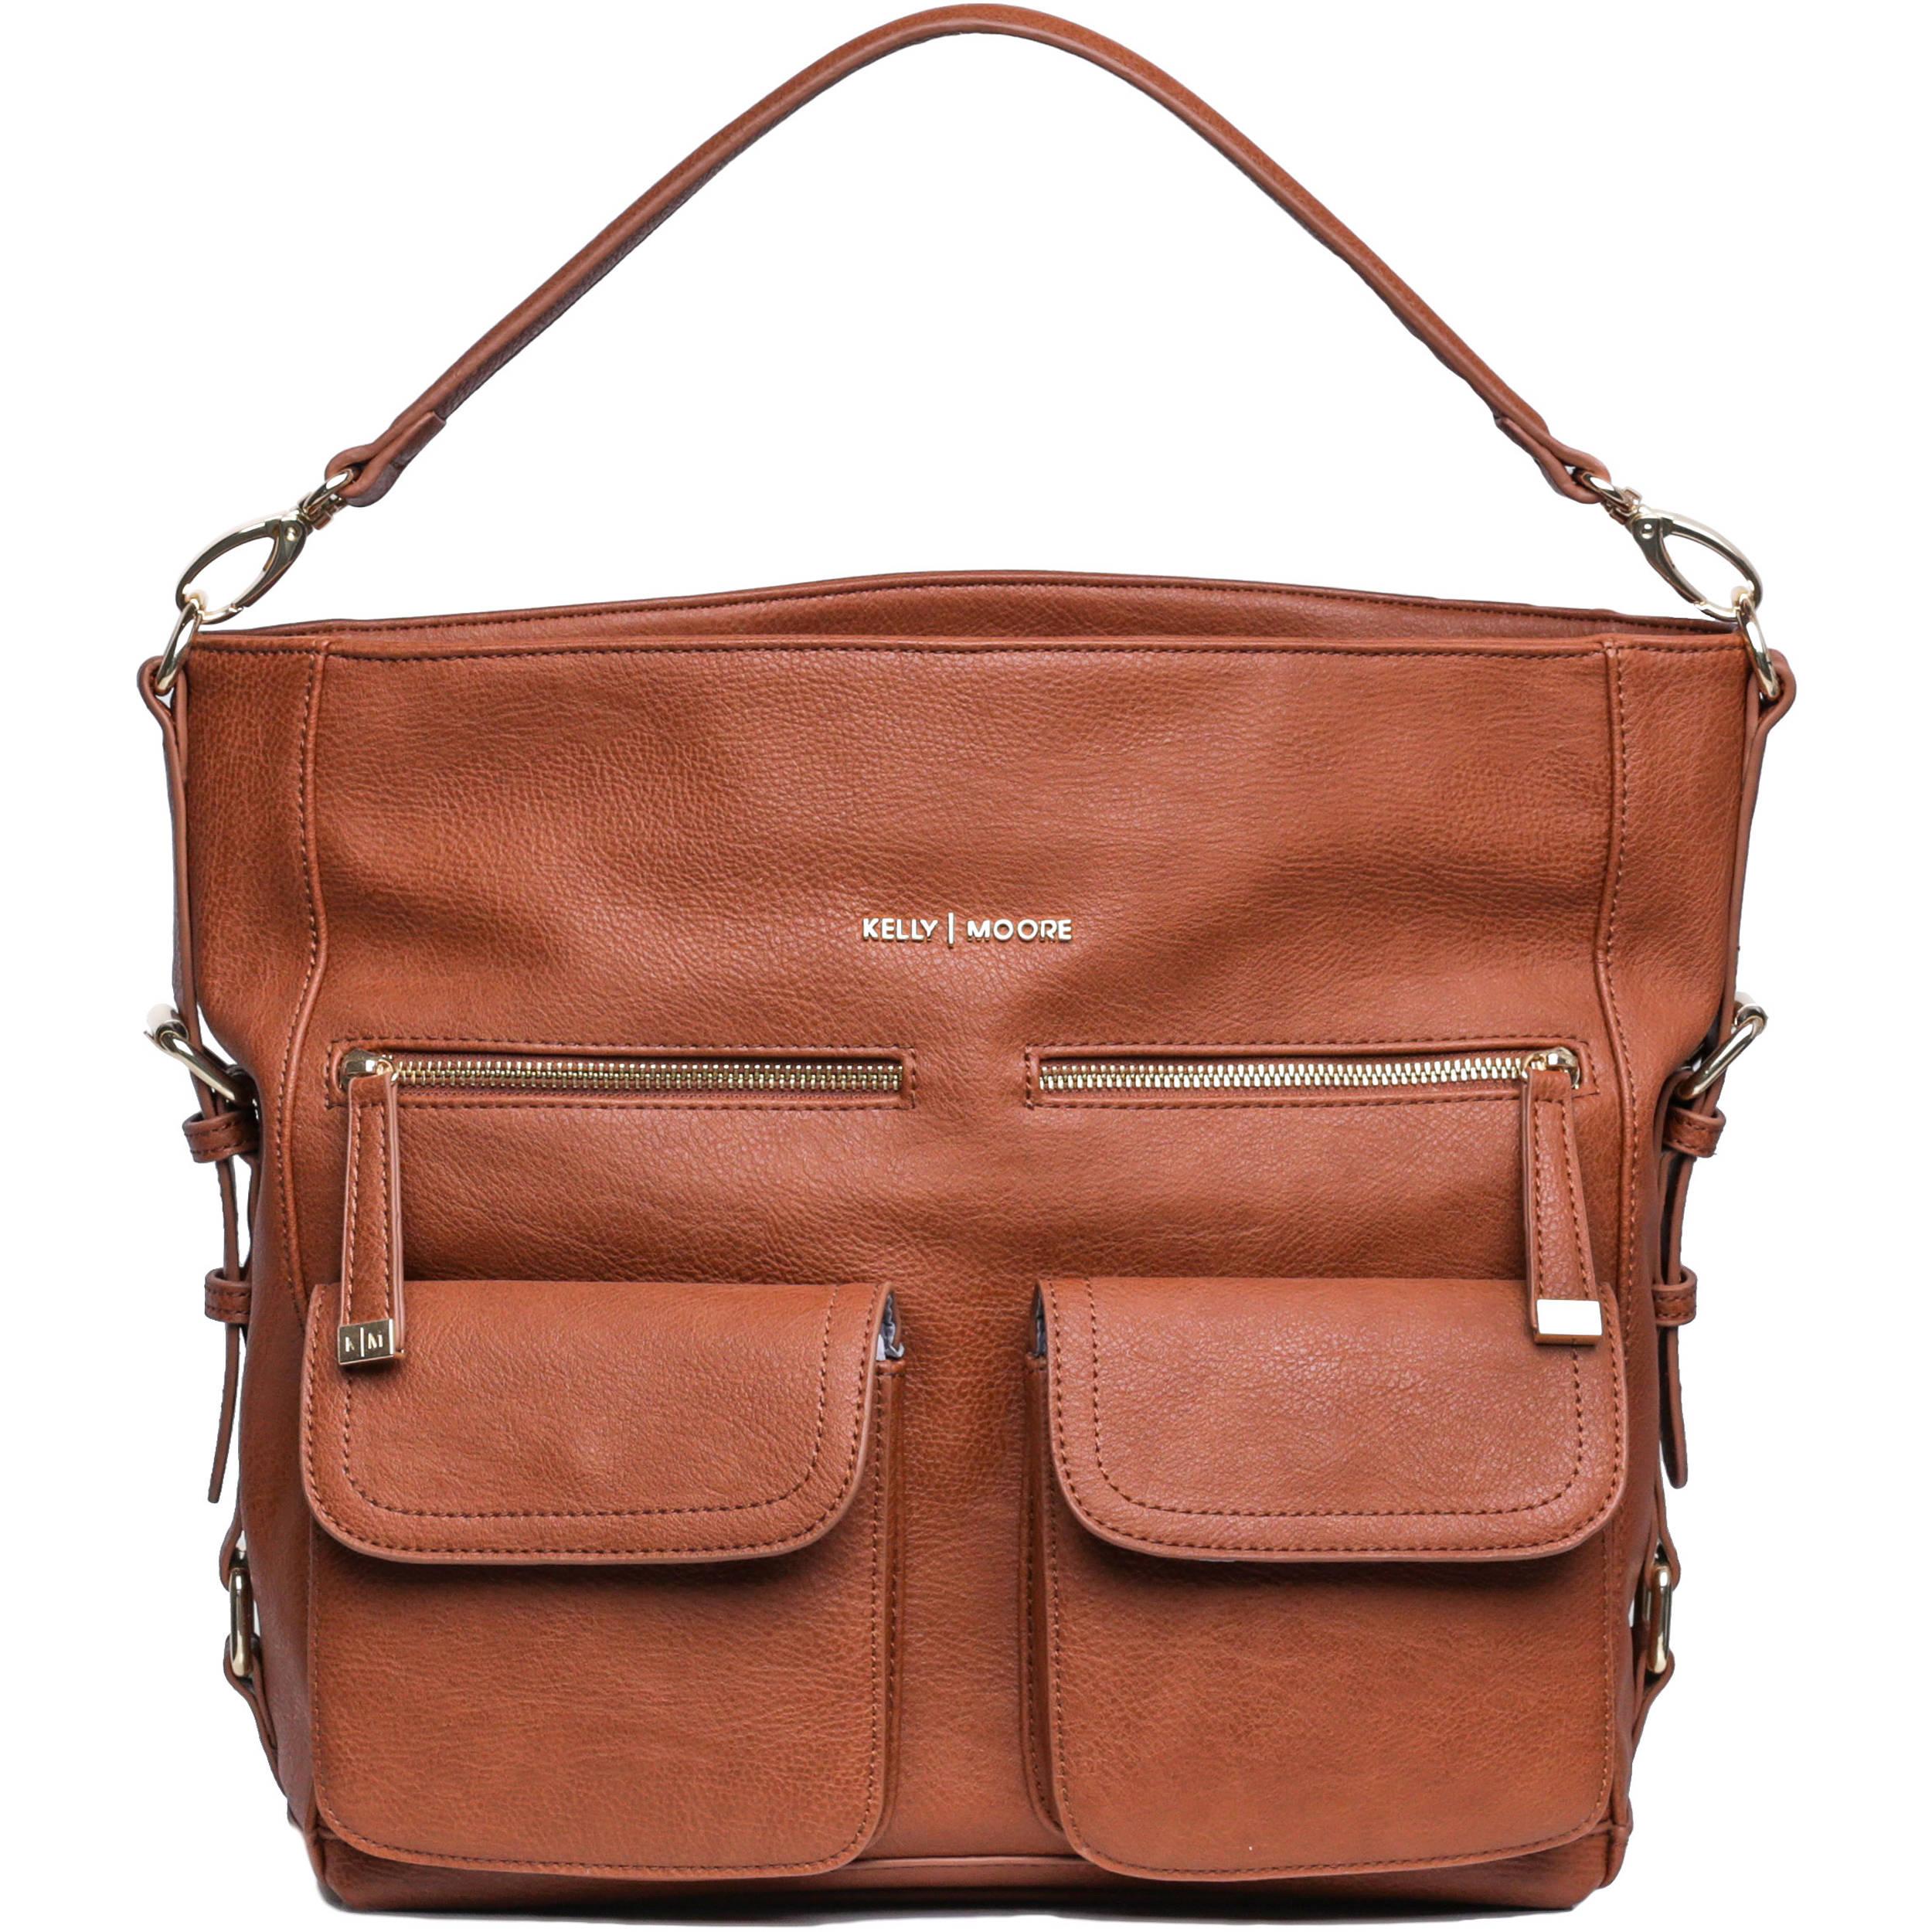 48fa053d0 Kelly Moore Bag 2 Sues 2.0 Vegan Organizer Tote Bag (Saddle)